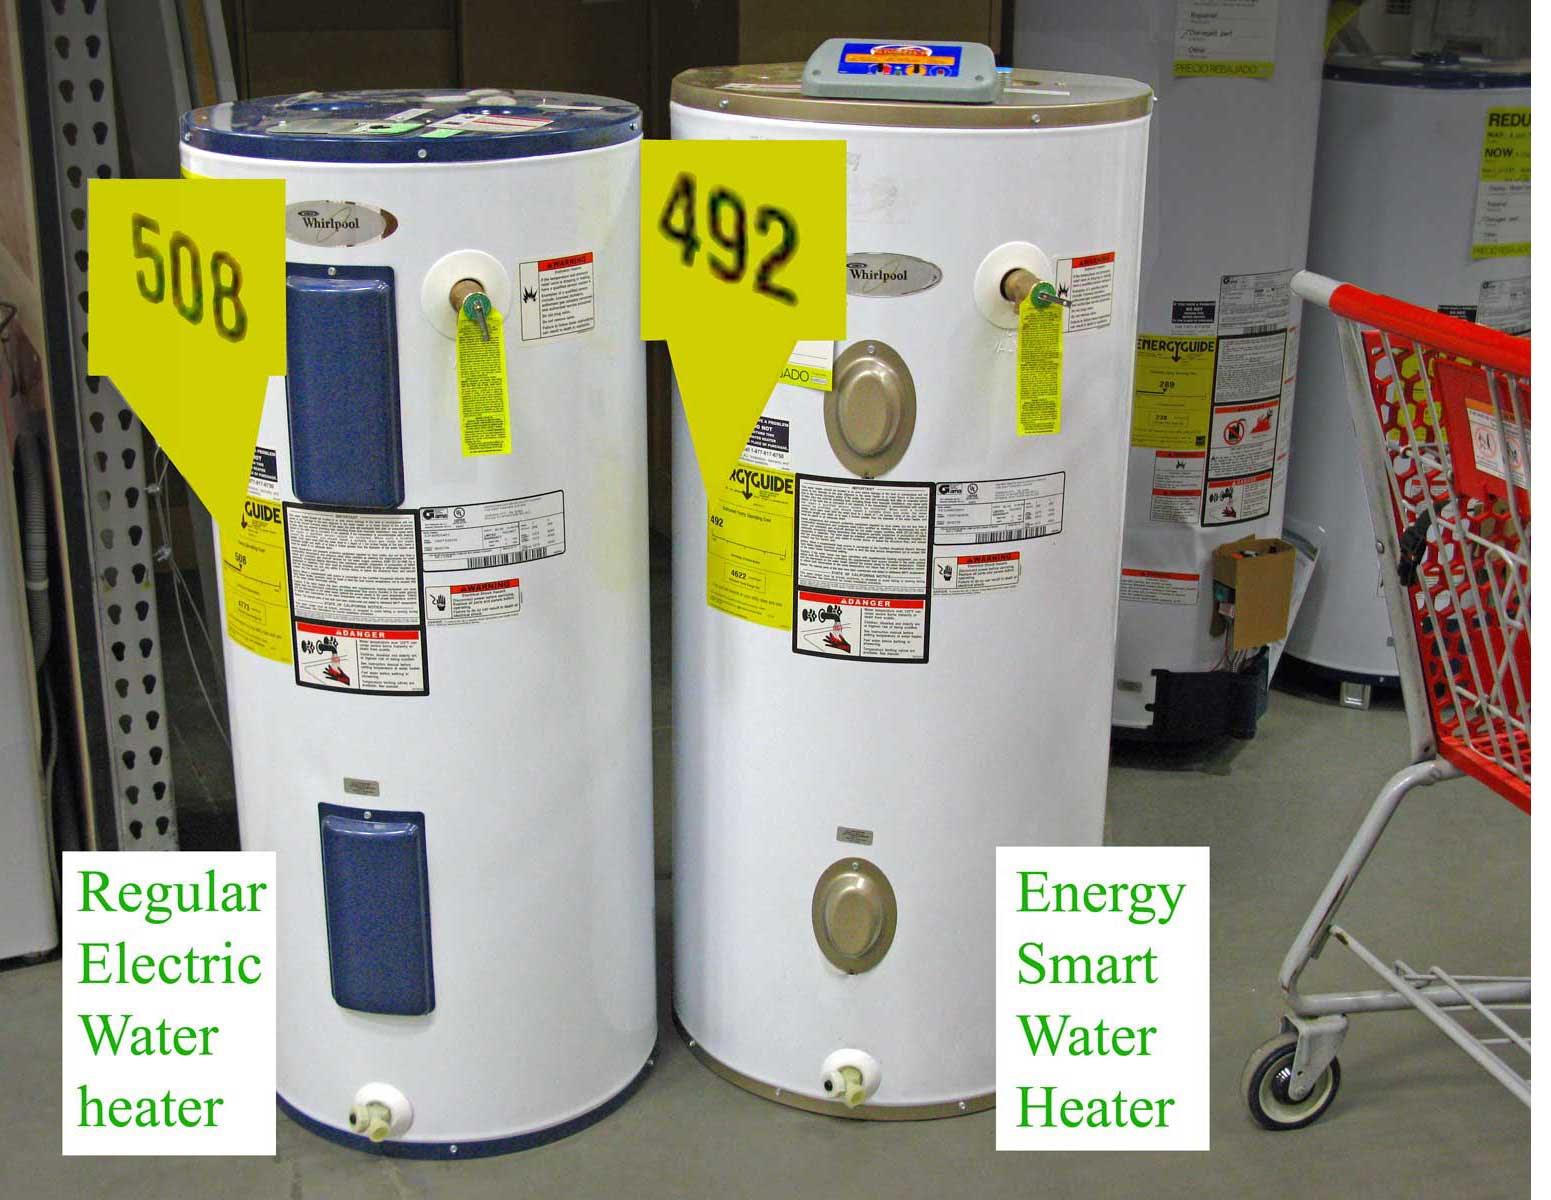 0f3 Whirlpool Water Heater Wiring Schematic Wiring Resources